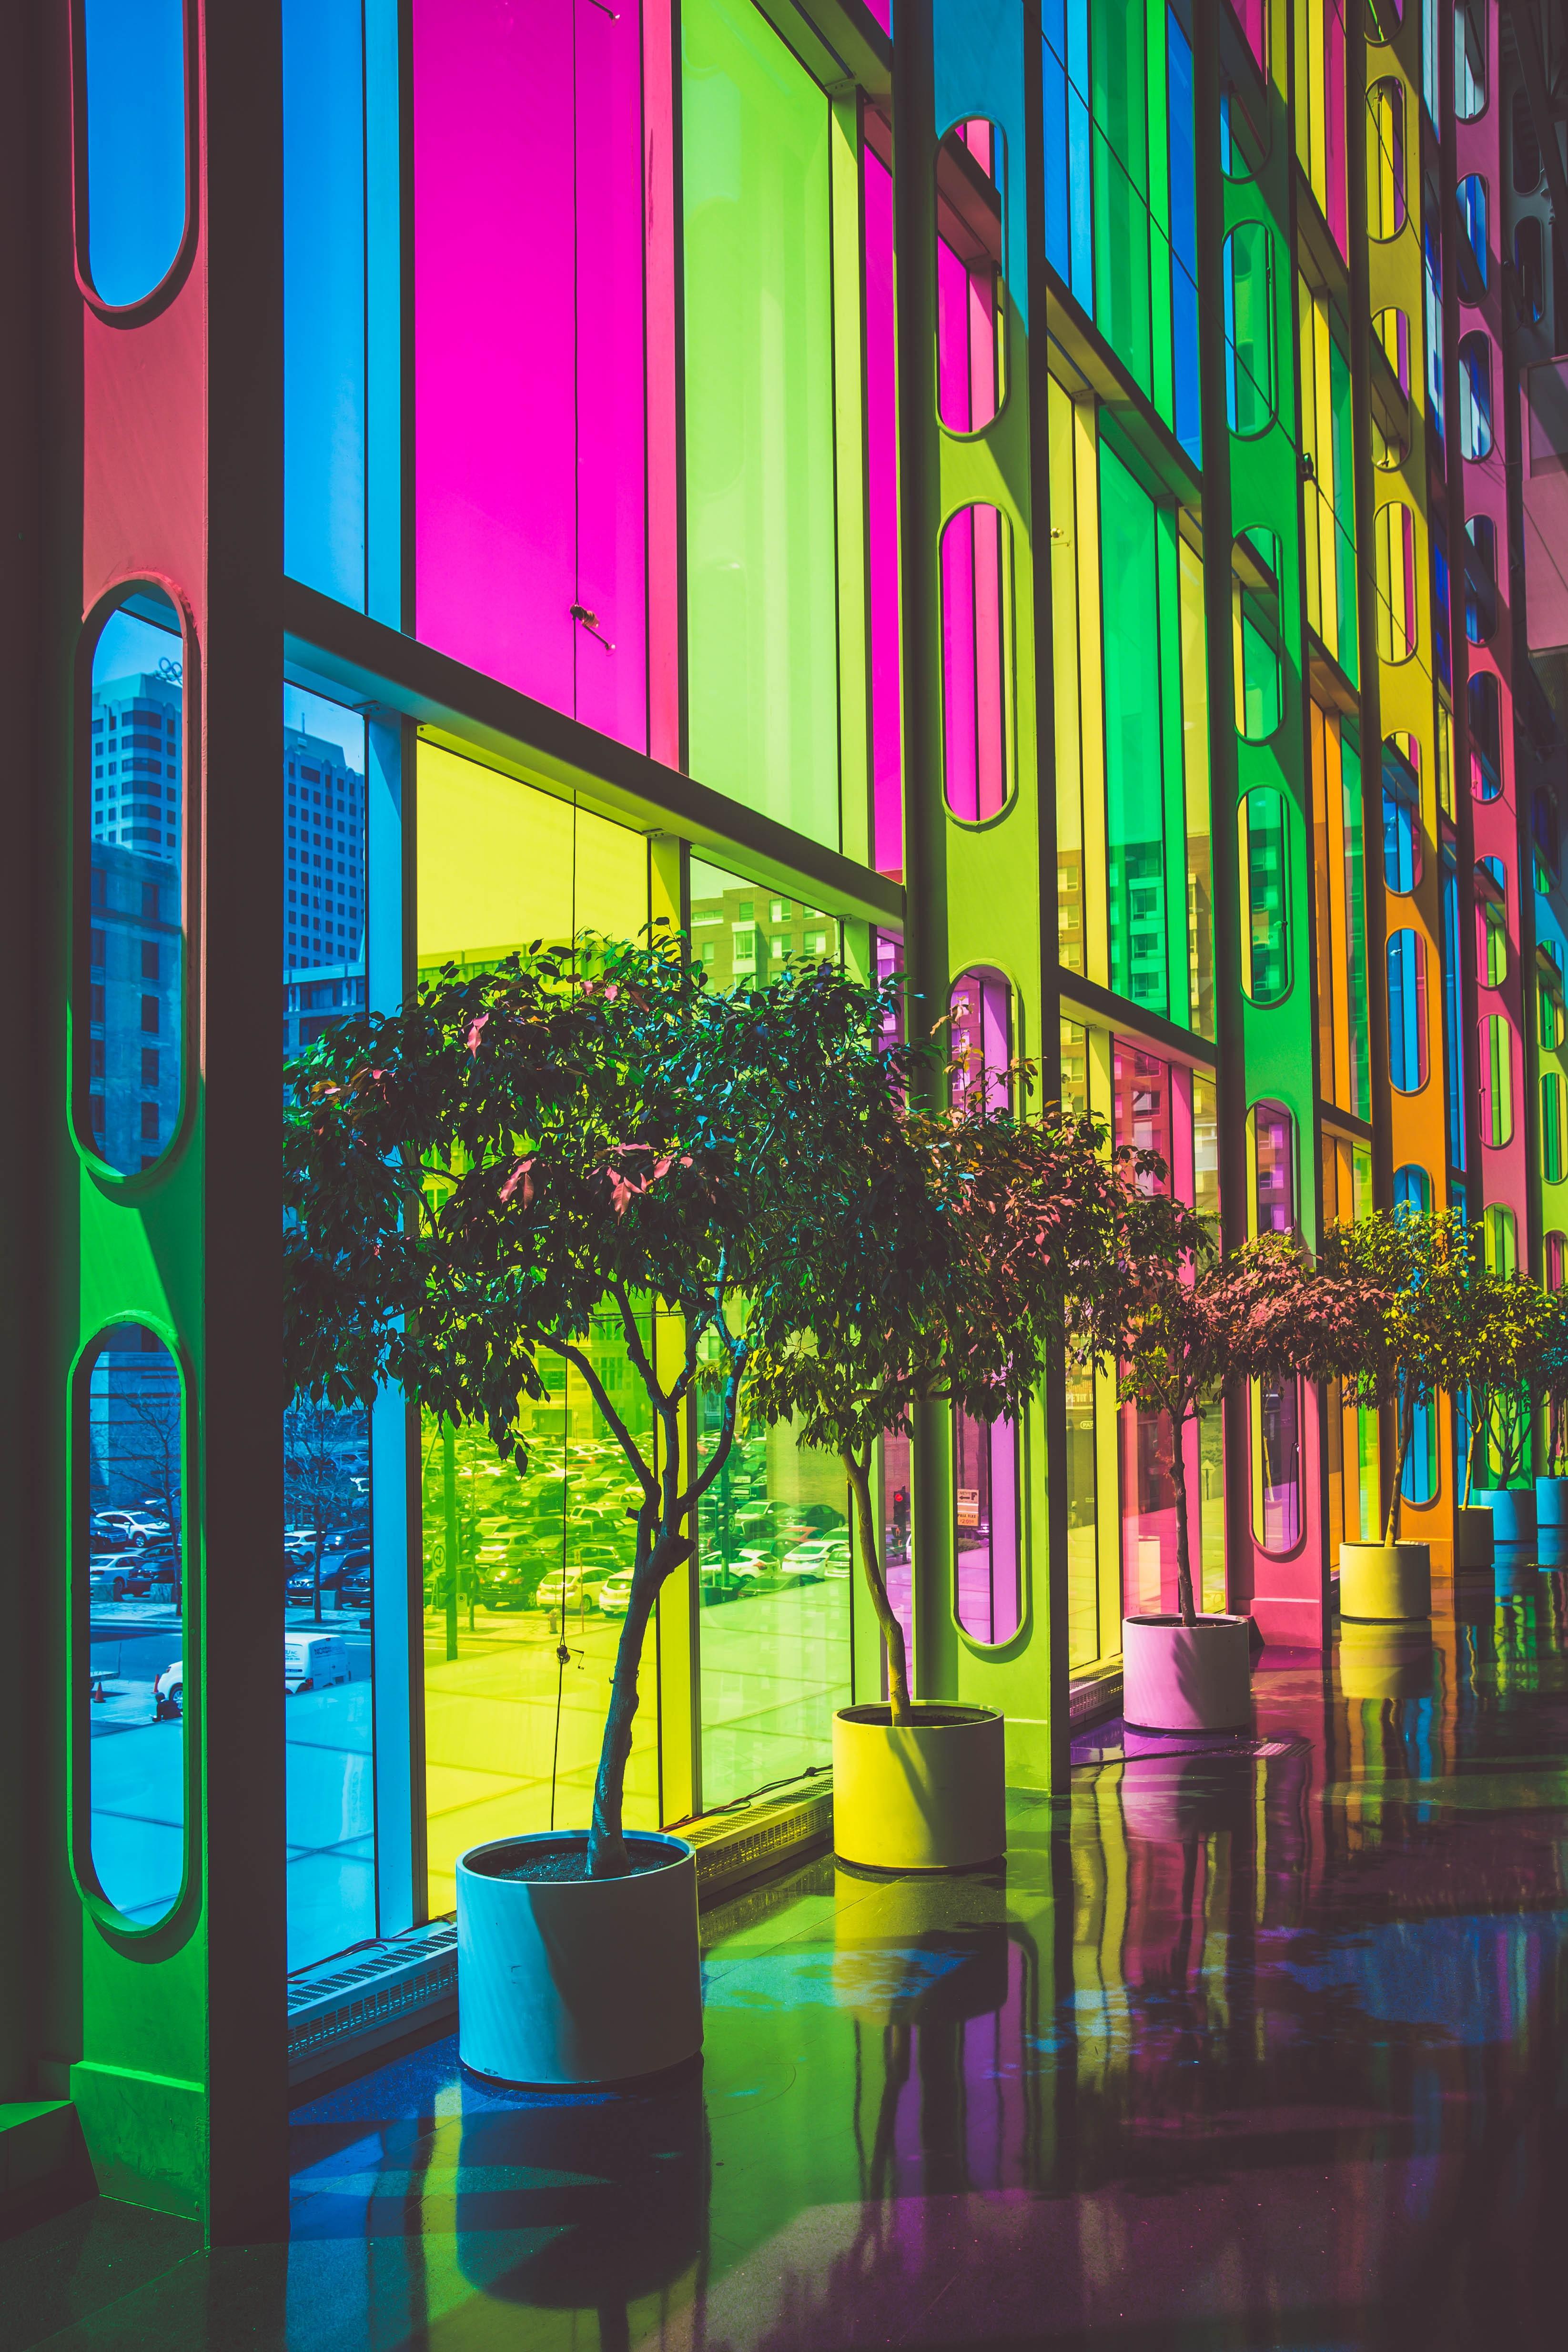 Images gratuites fen tre verre b timent color for Design d interieur by srt